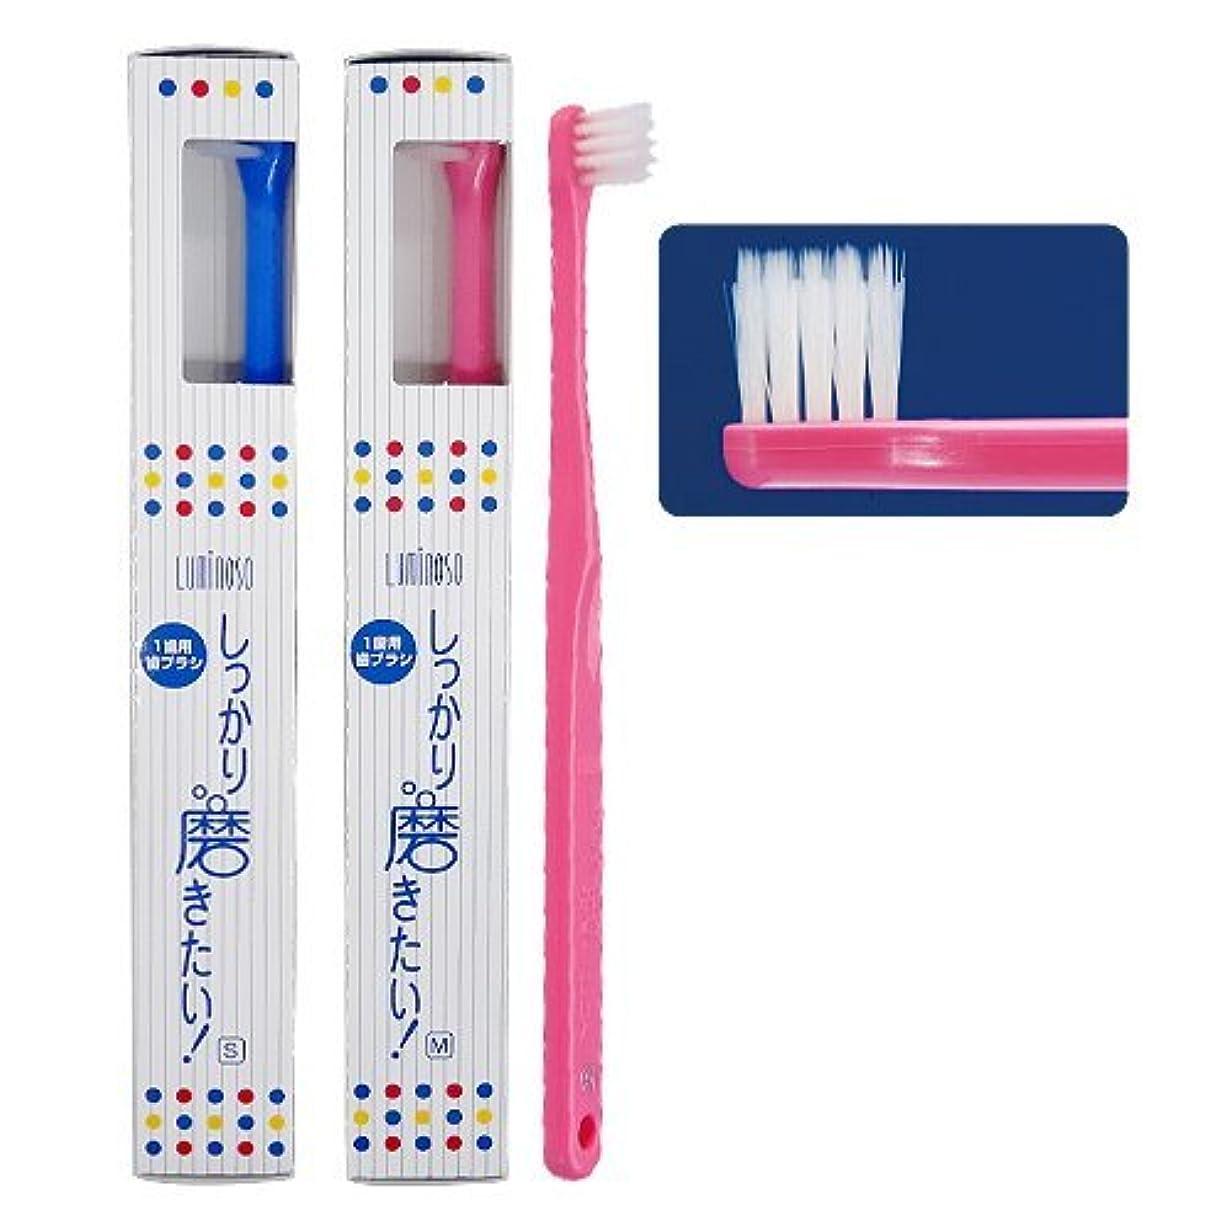 近傍流行しているエゴイズムルミノソ 1歯用歯ブラシ「しっかり磨きたい!」スタンダード ソフト (カラー指定不可) 10本